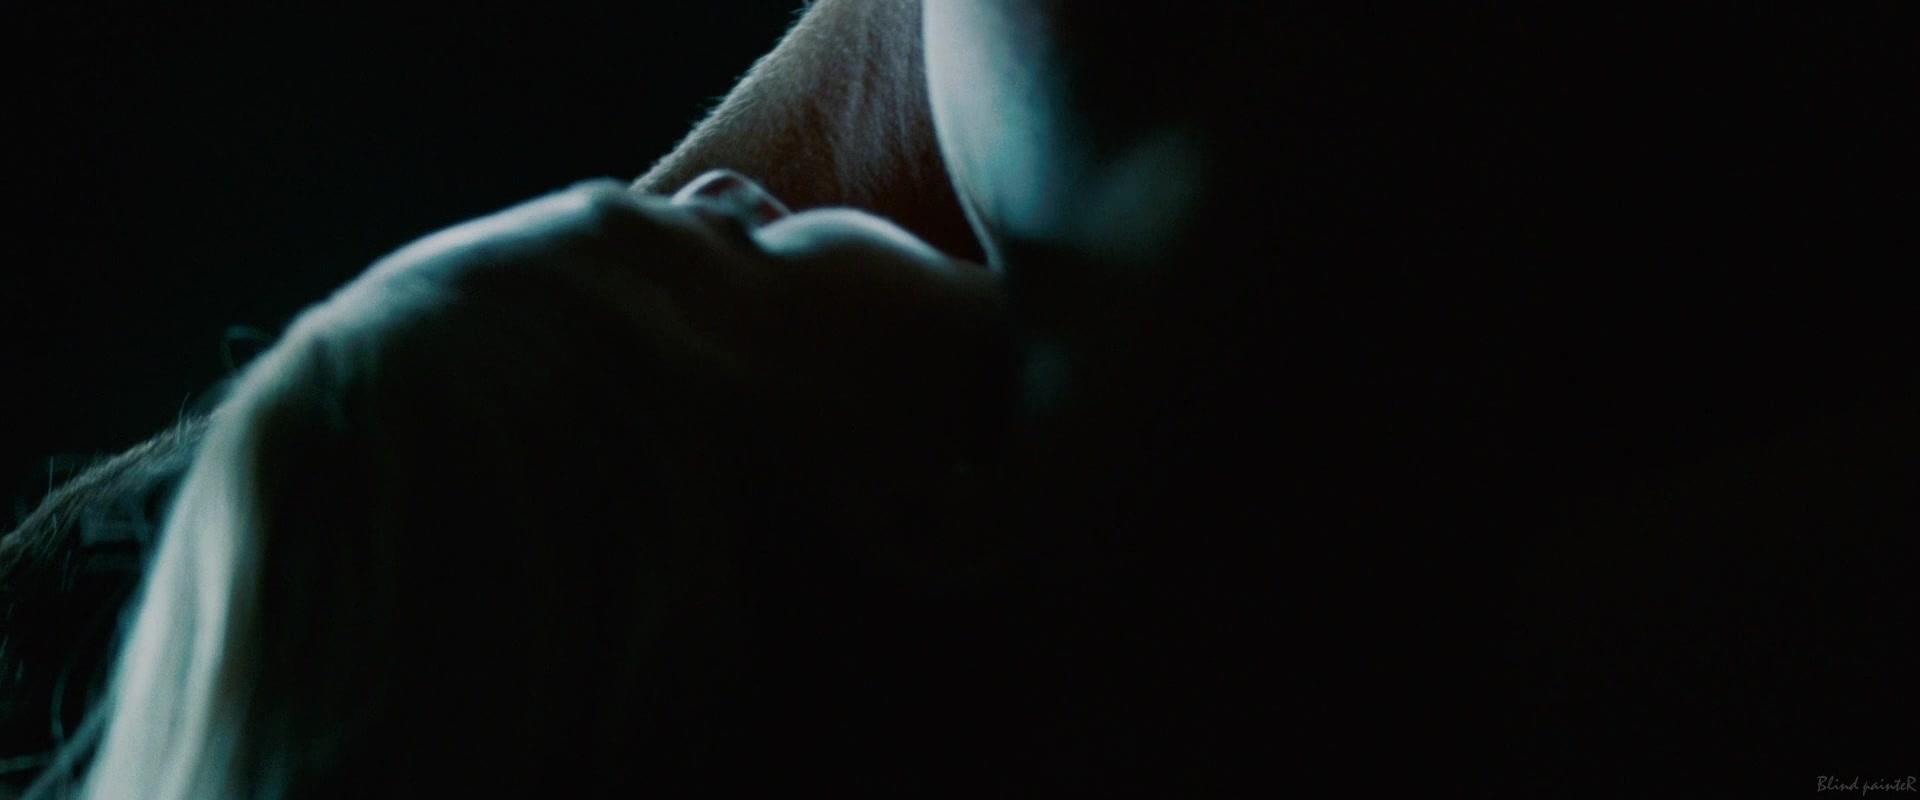 Naked vanessa hudgens in bed